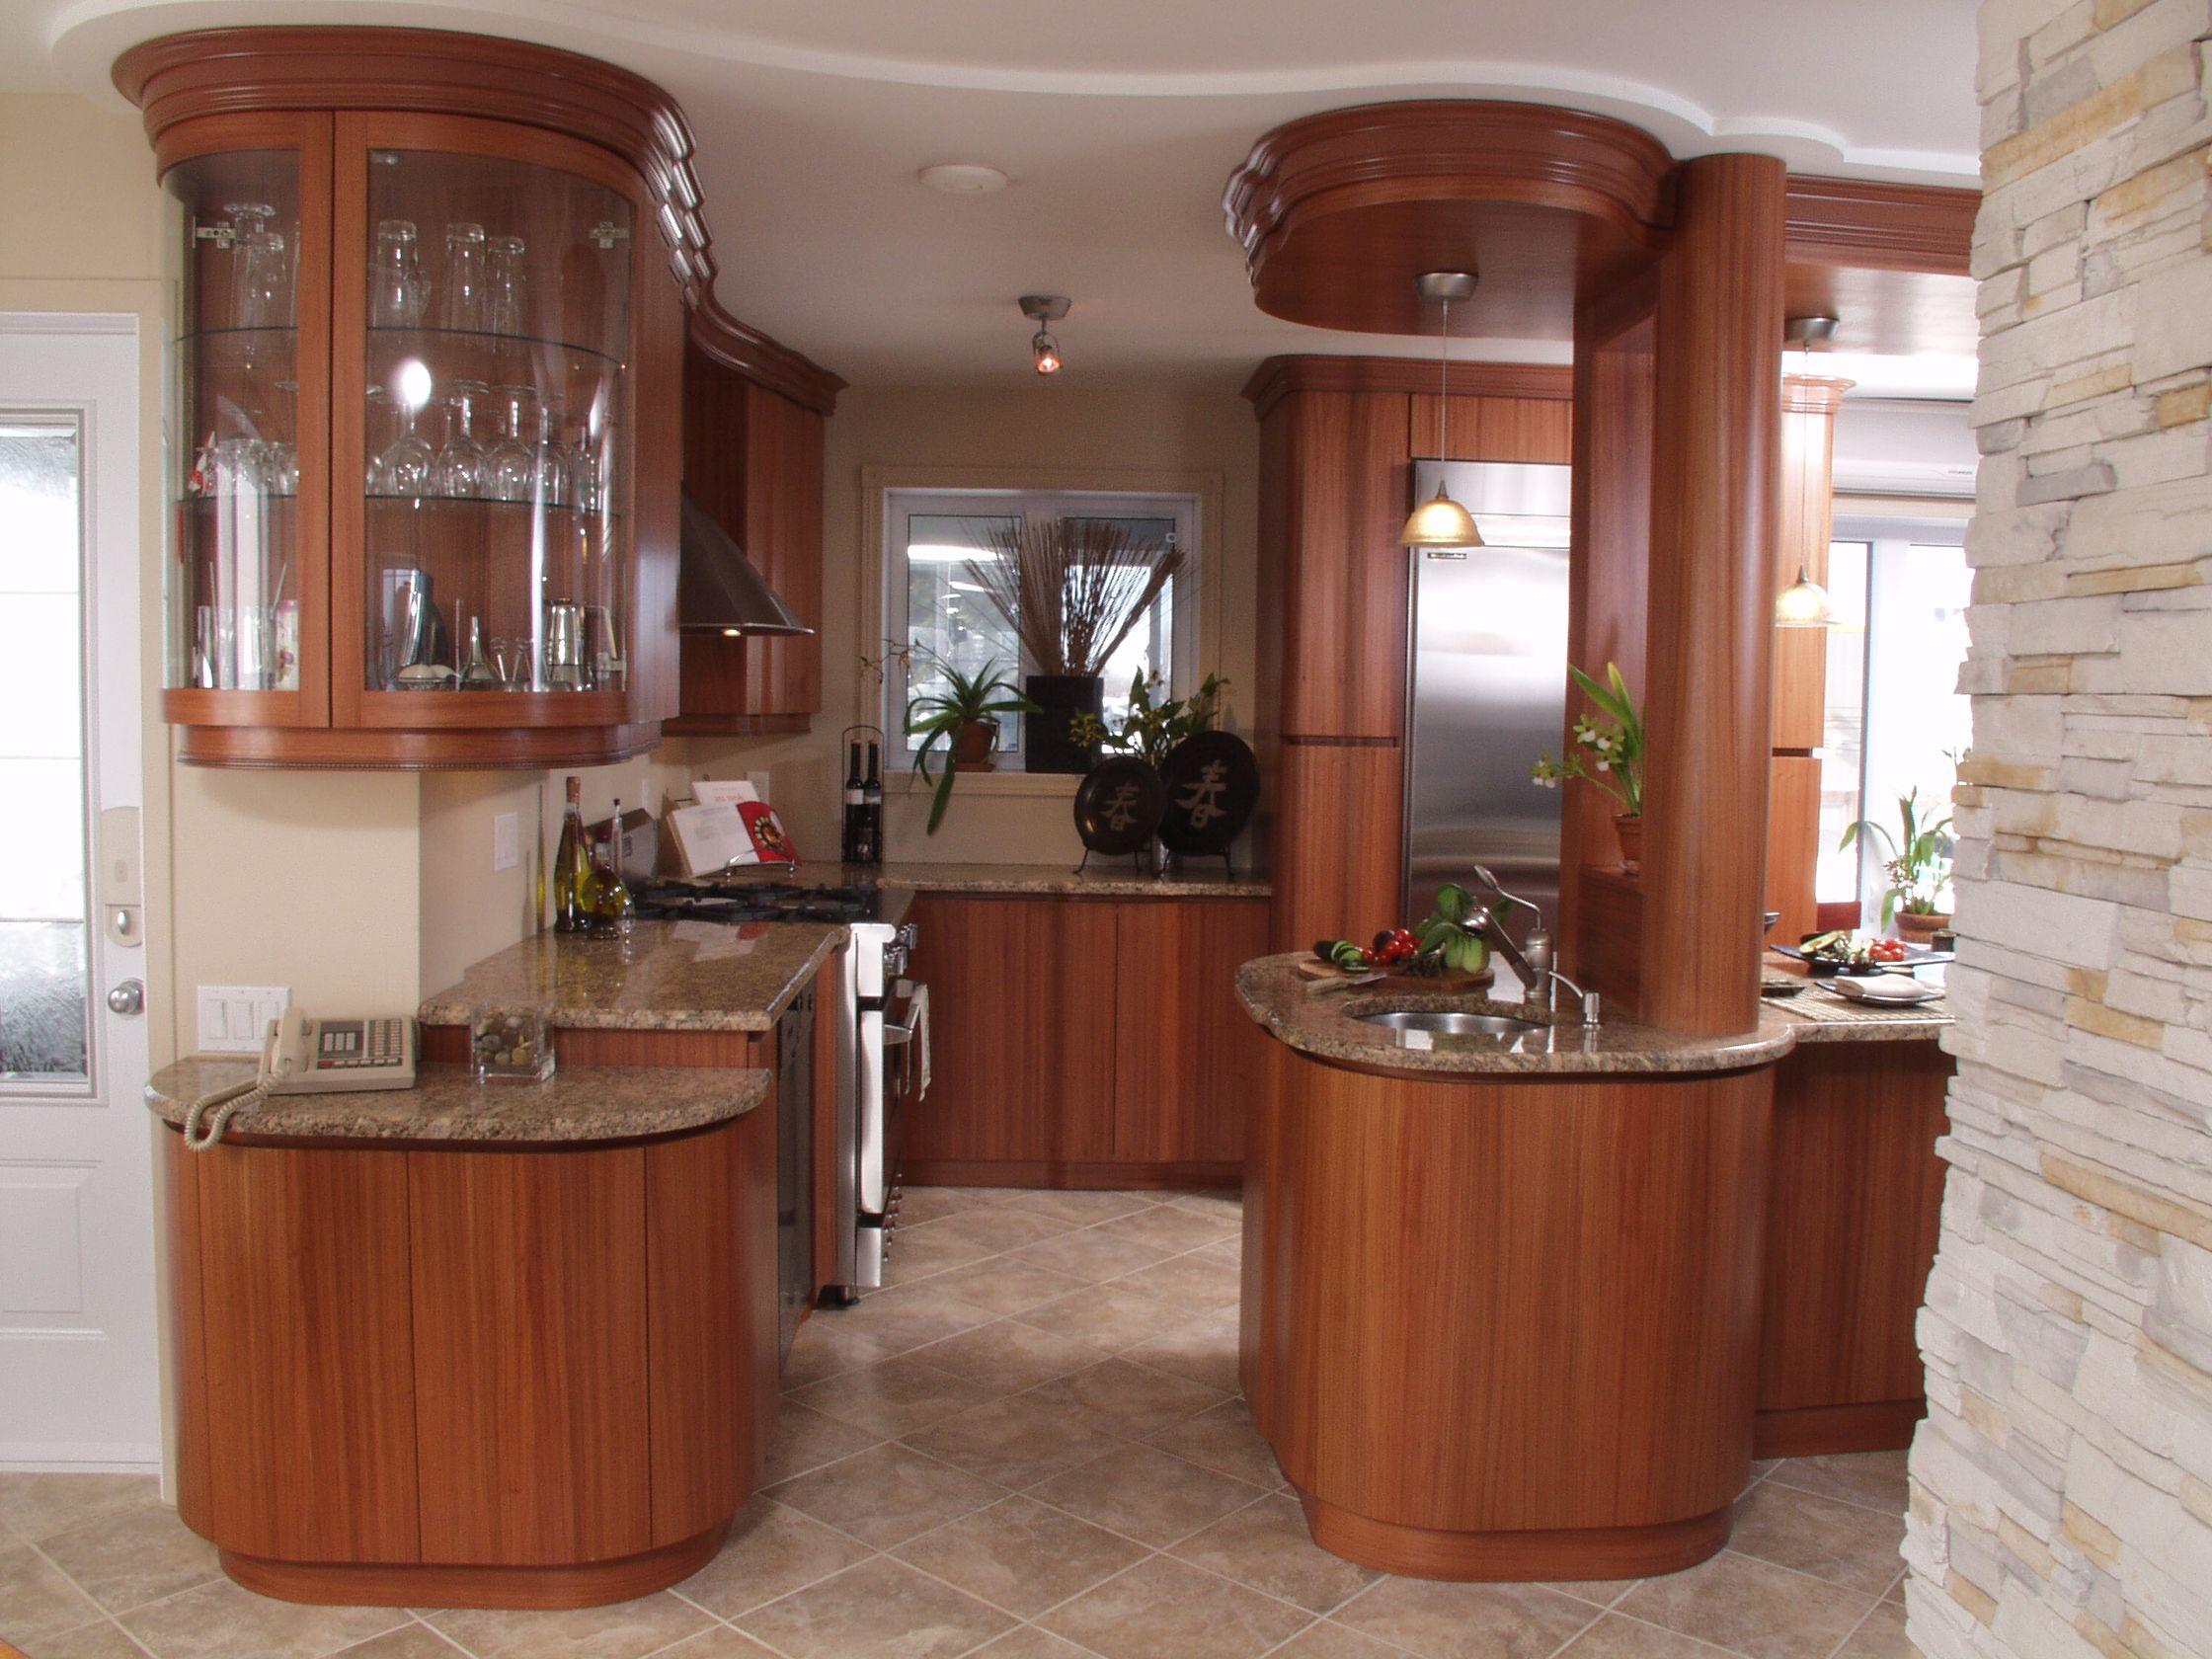 Cette Cuisine Moderne Est En Bubinga Il S Agit D Une Essence Africaine Qui Provient Principalement Du Cameroun Et Du Gabon Htt Kitchen Design Home Decor Home